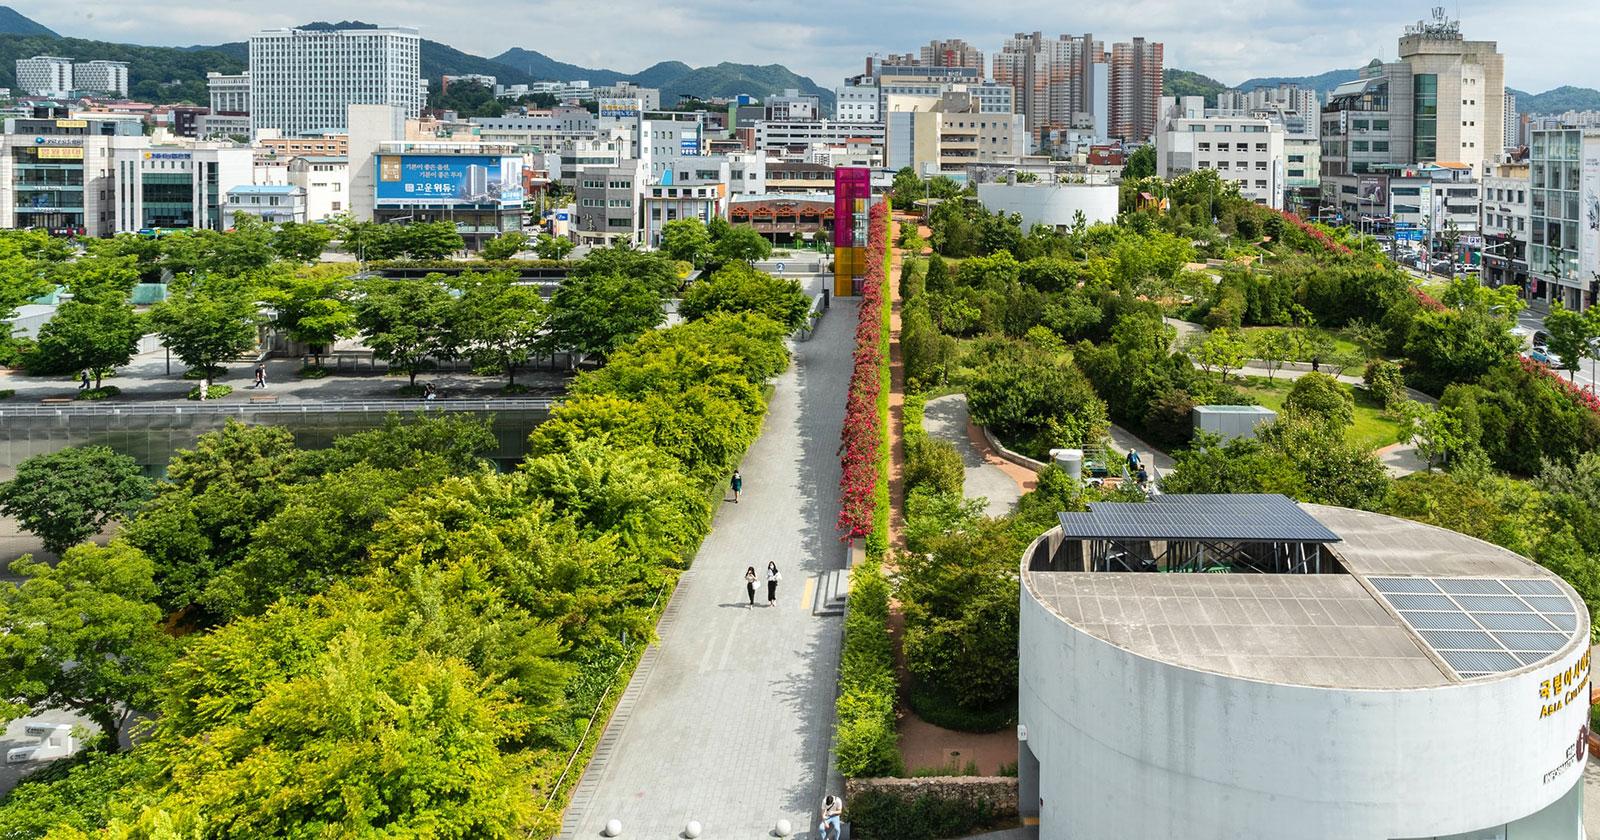 Progettare edifici a impatto zero: normativa e futuro della progettazione